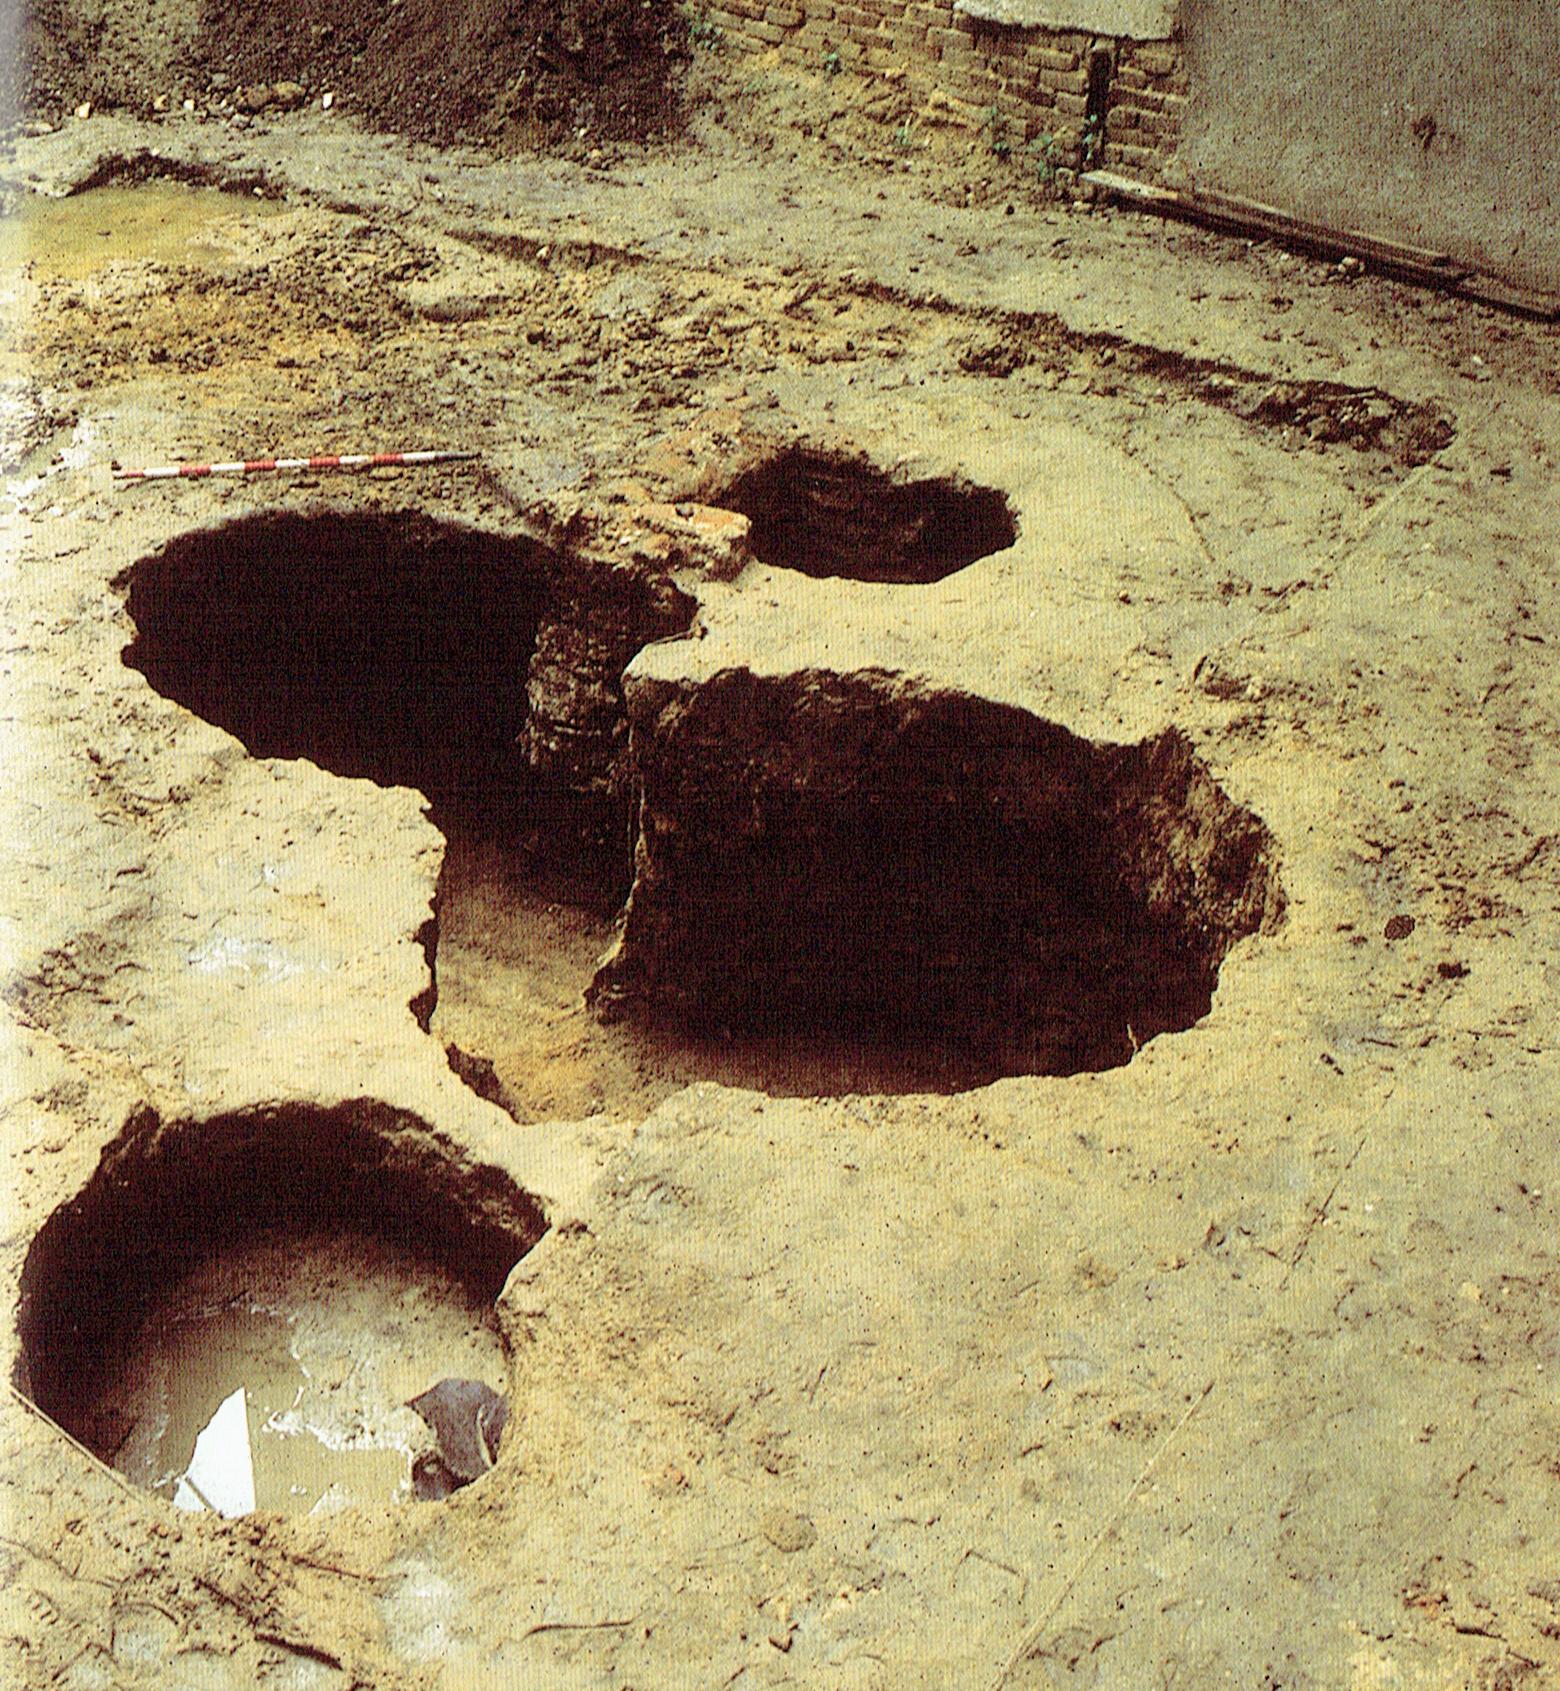 ¿Un asentamiento humano de la Edad del Bronce en el cerro de las Vistillas?